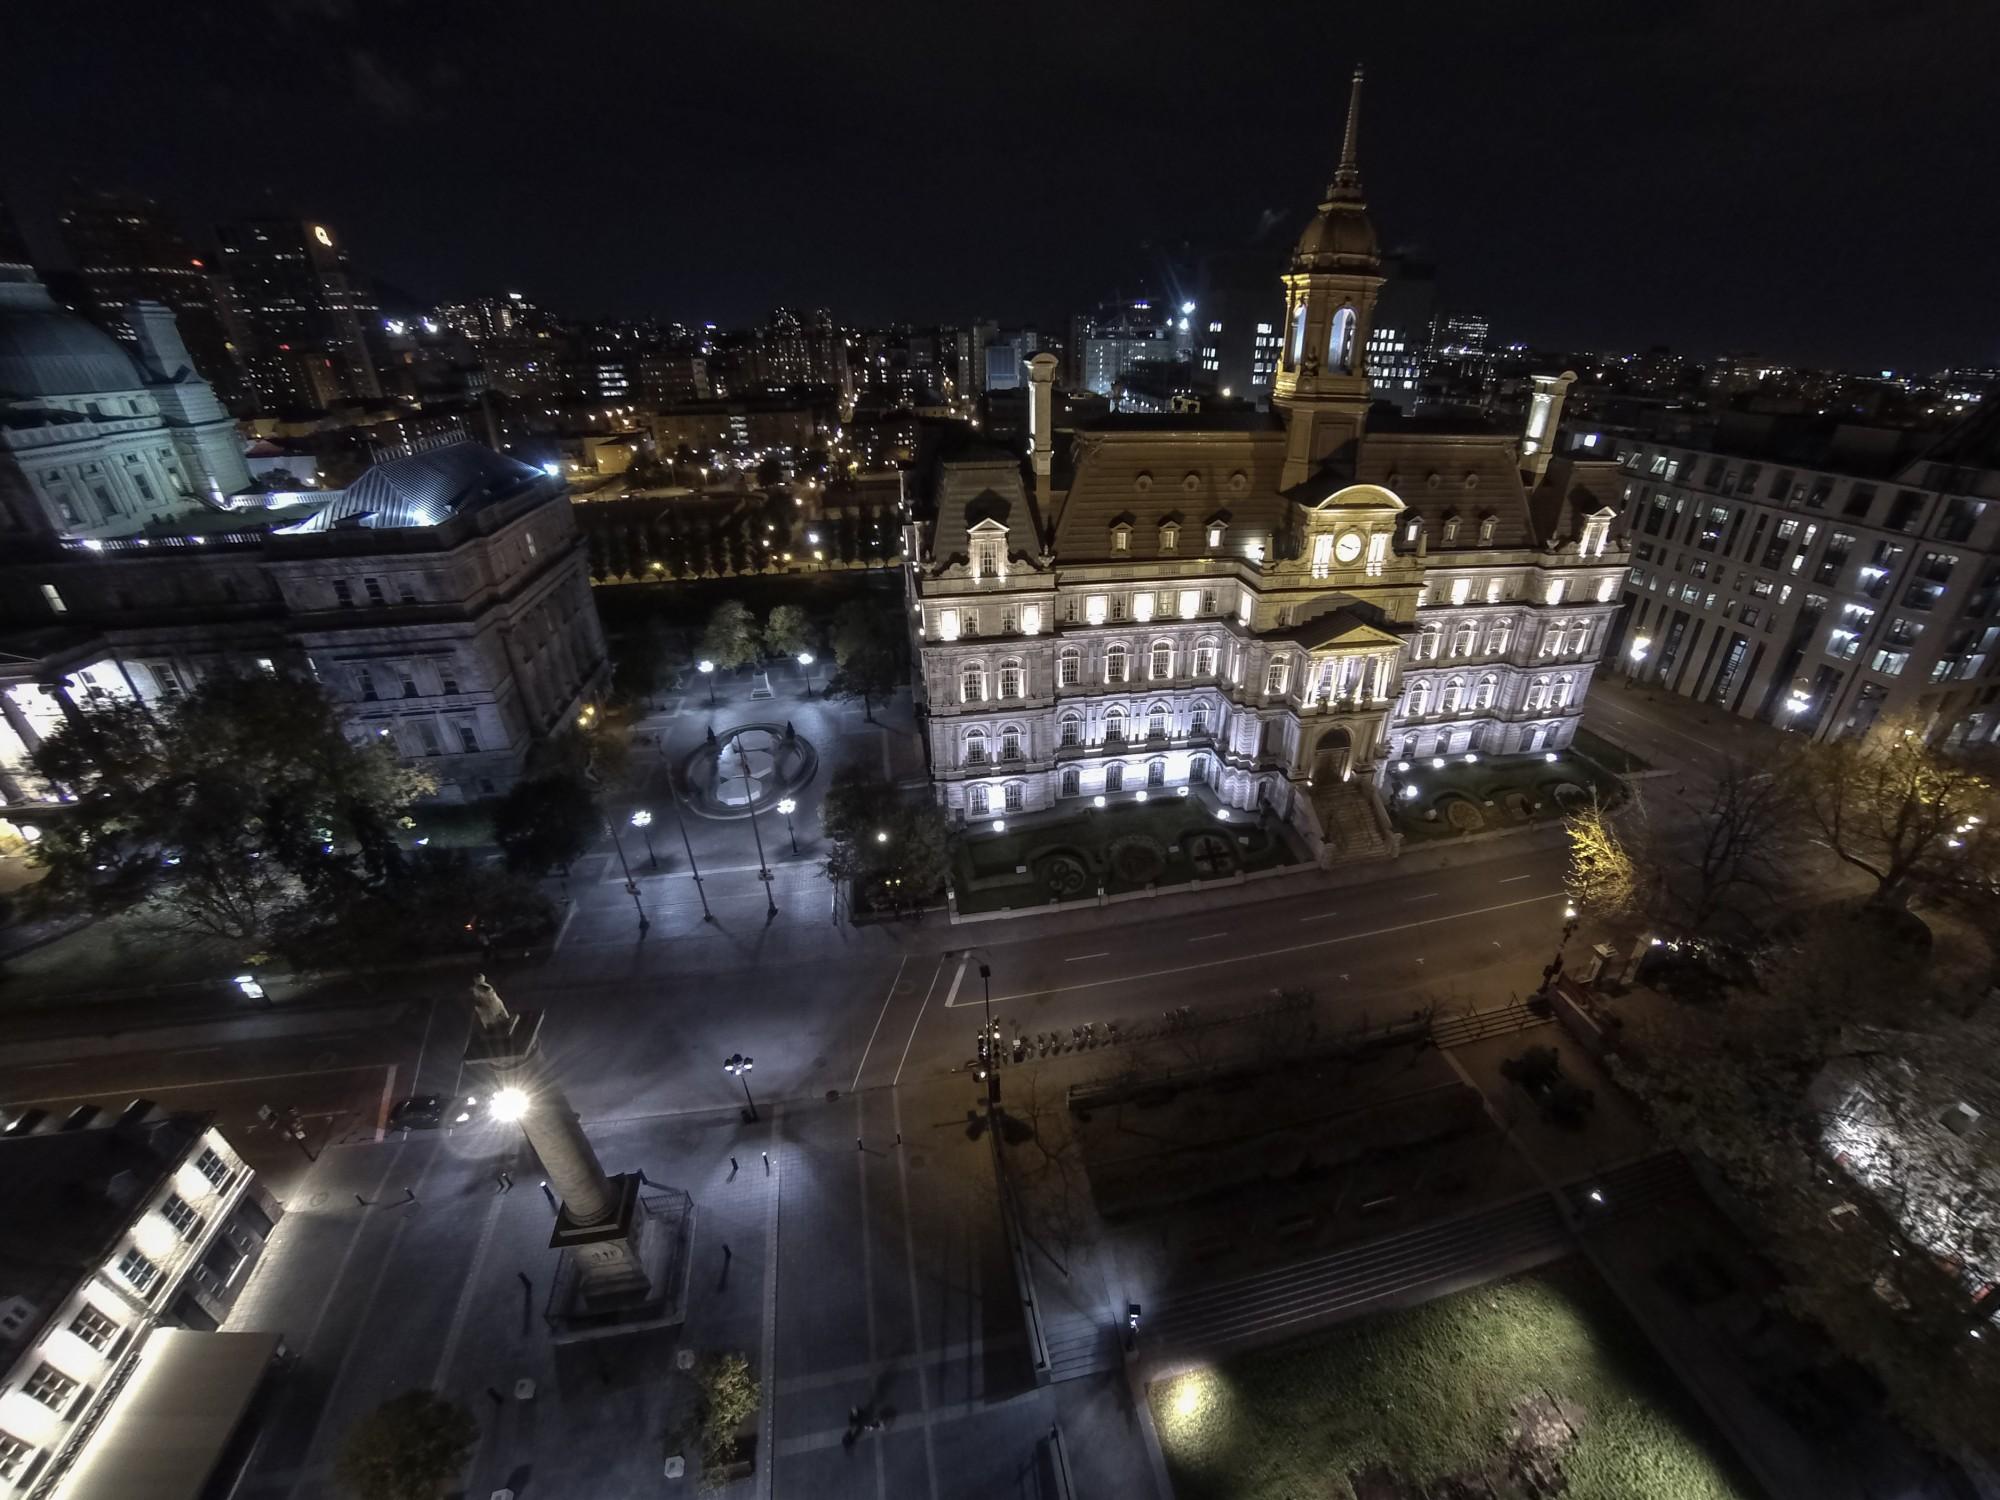 L'hotel-de-ville de Montréal, en biais à la place Jacques-Cartier dans le Vieux-Montréal.